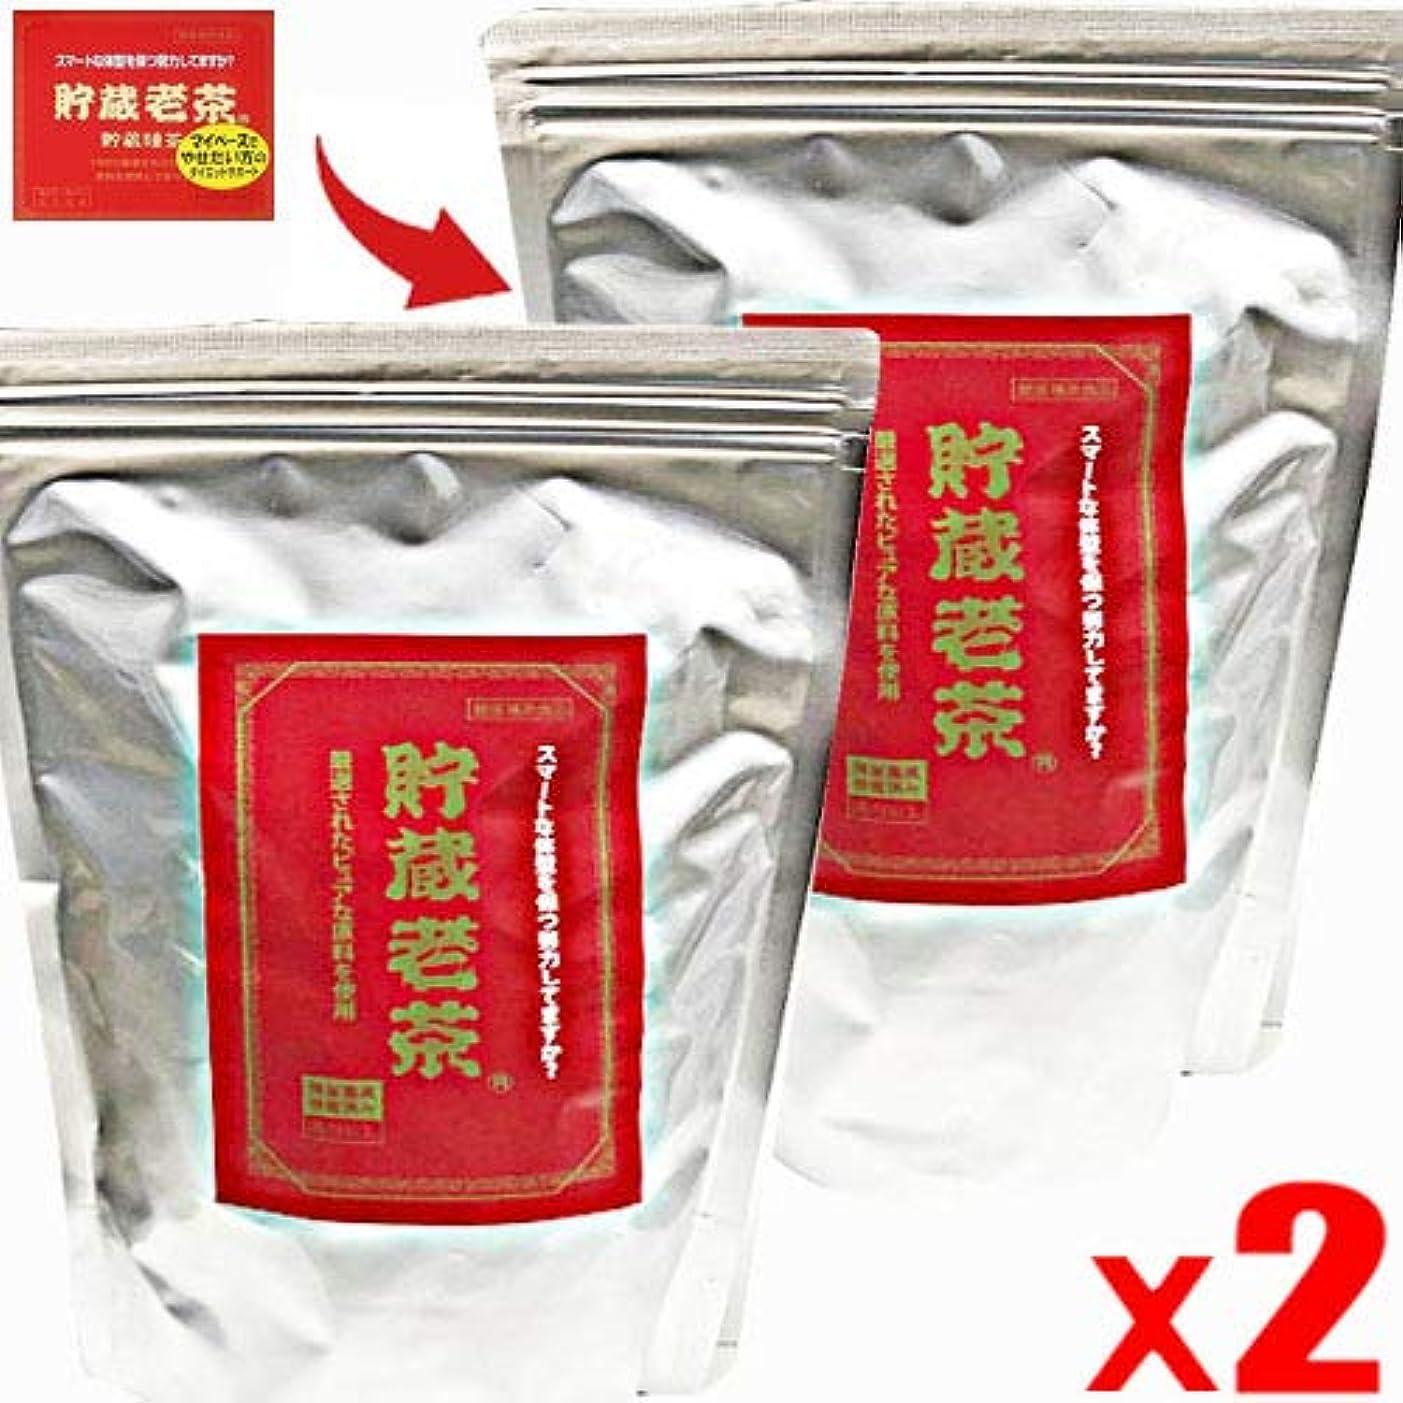 倍増徐々に神学校共栄 貯蔵老茶 (3.7gX60包)x2個(4972889000197-2) 赤箱からパウチ包装に変更です。